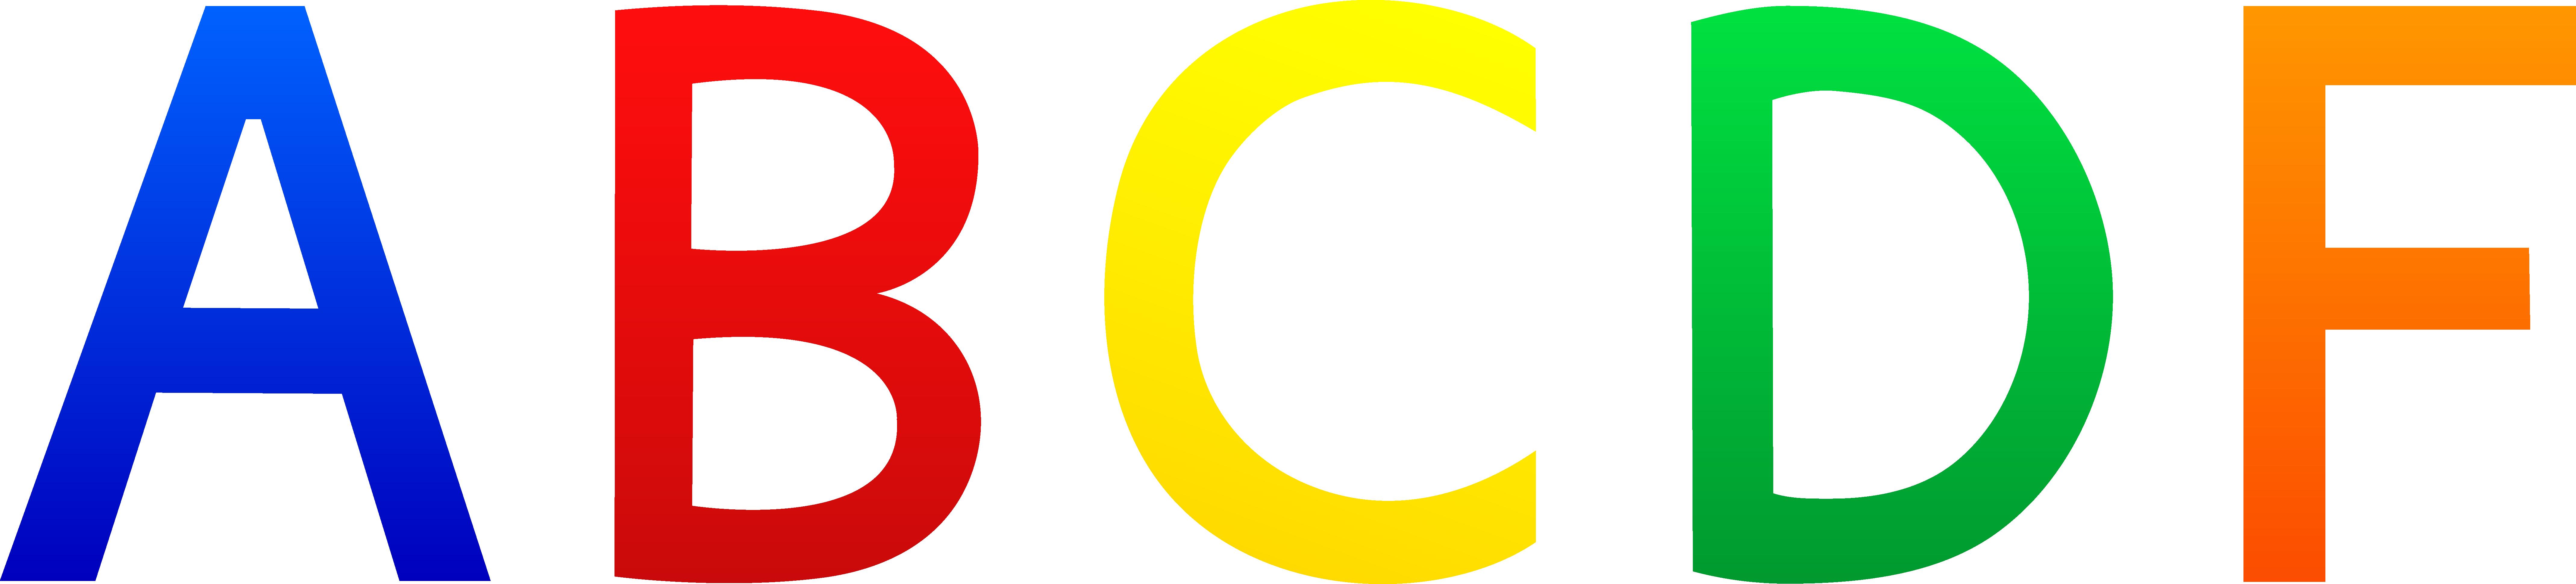 Clip Art Letters Clipart free alphabet letters clip art clipart best free